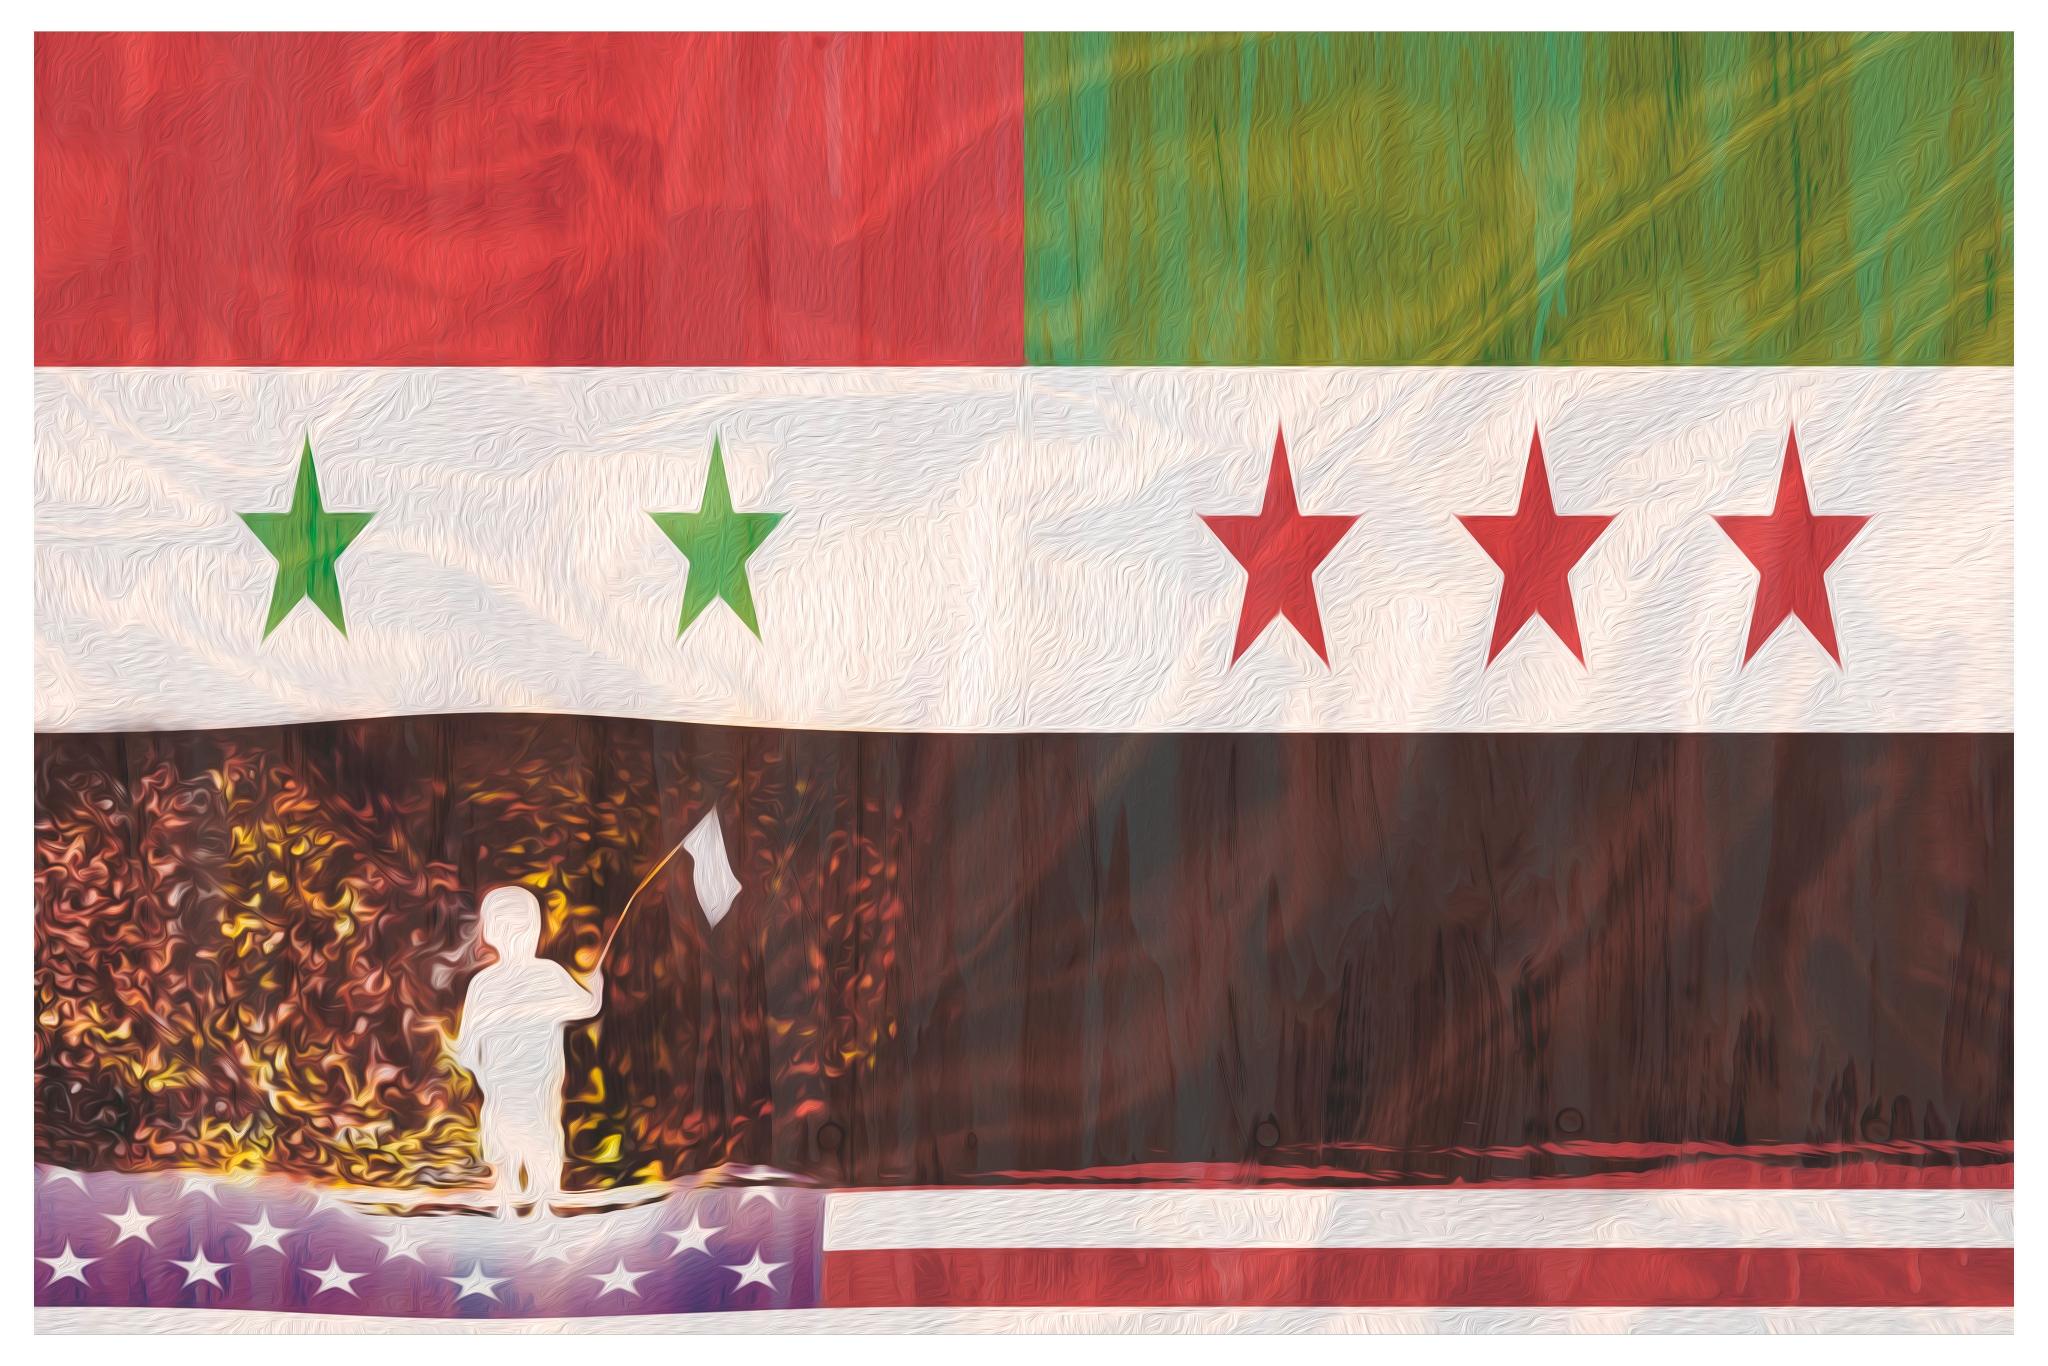 Syriaborder.jpg